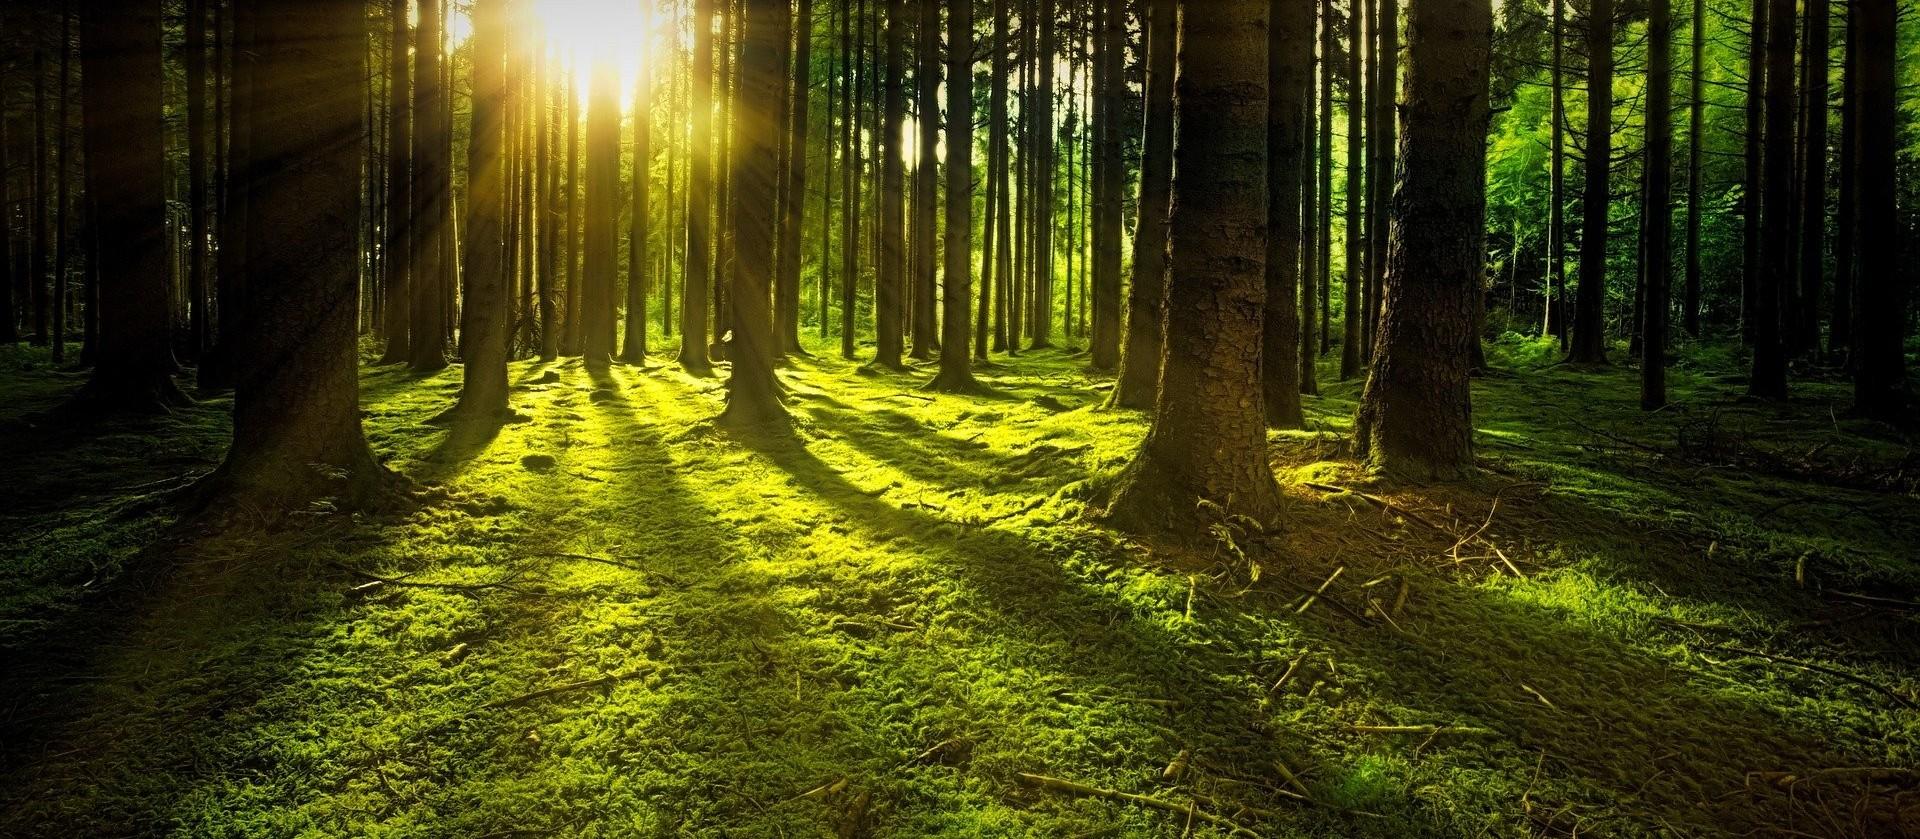 Brasil tem potencial para produção de hidrogênio verde